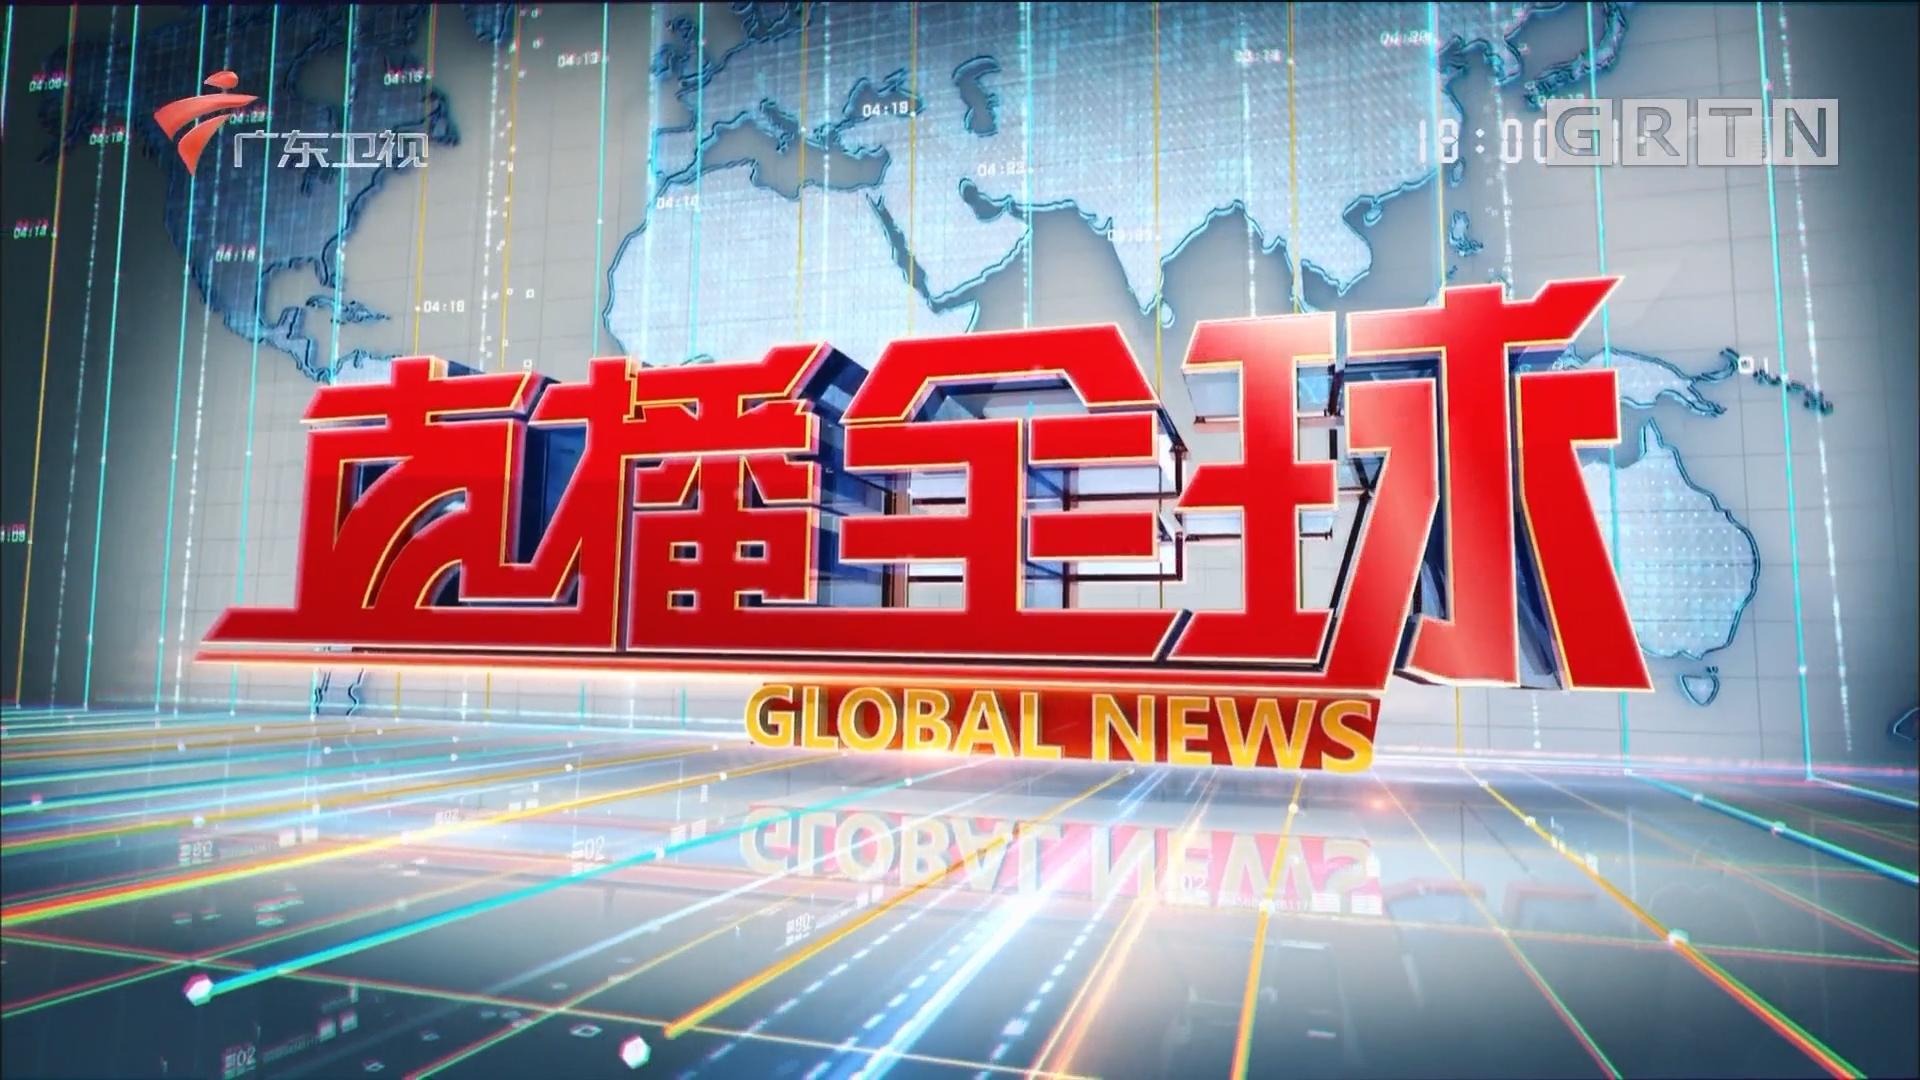 [HD][2017-10-24]直播全球:新加坡总理李显龙访问美国 两国确认深化关系扩展合作